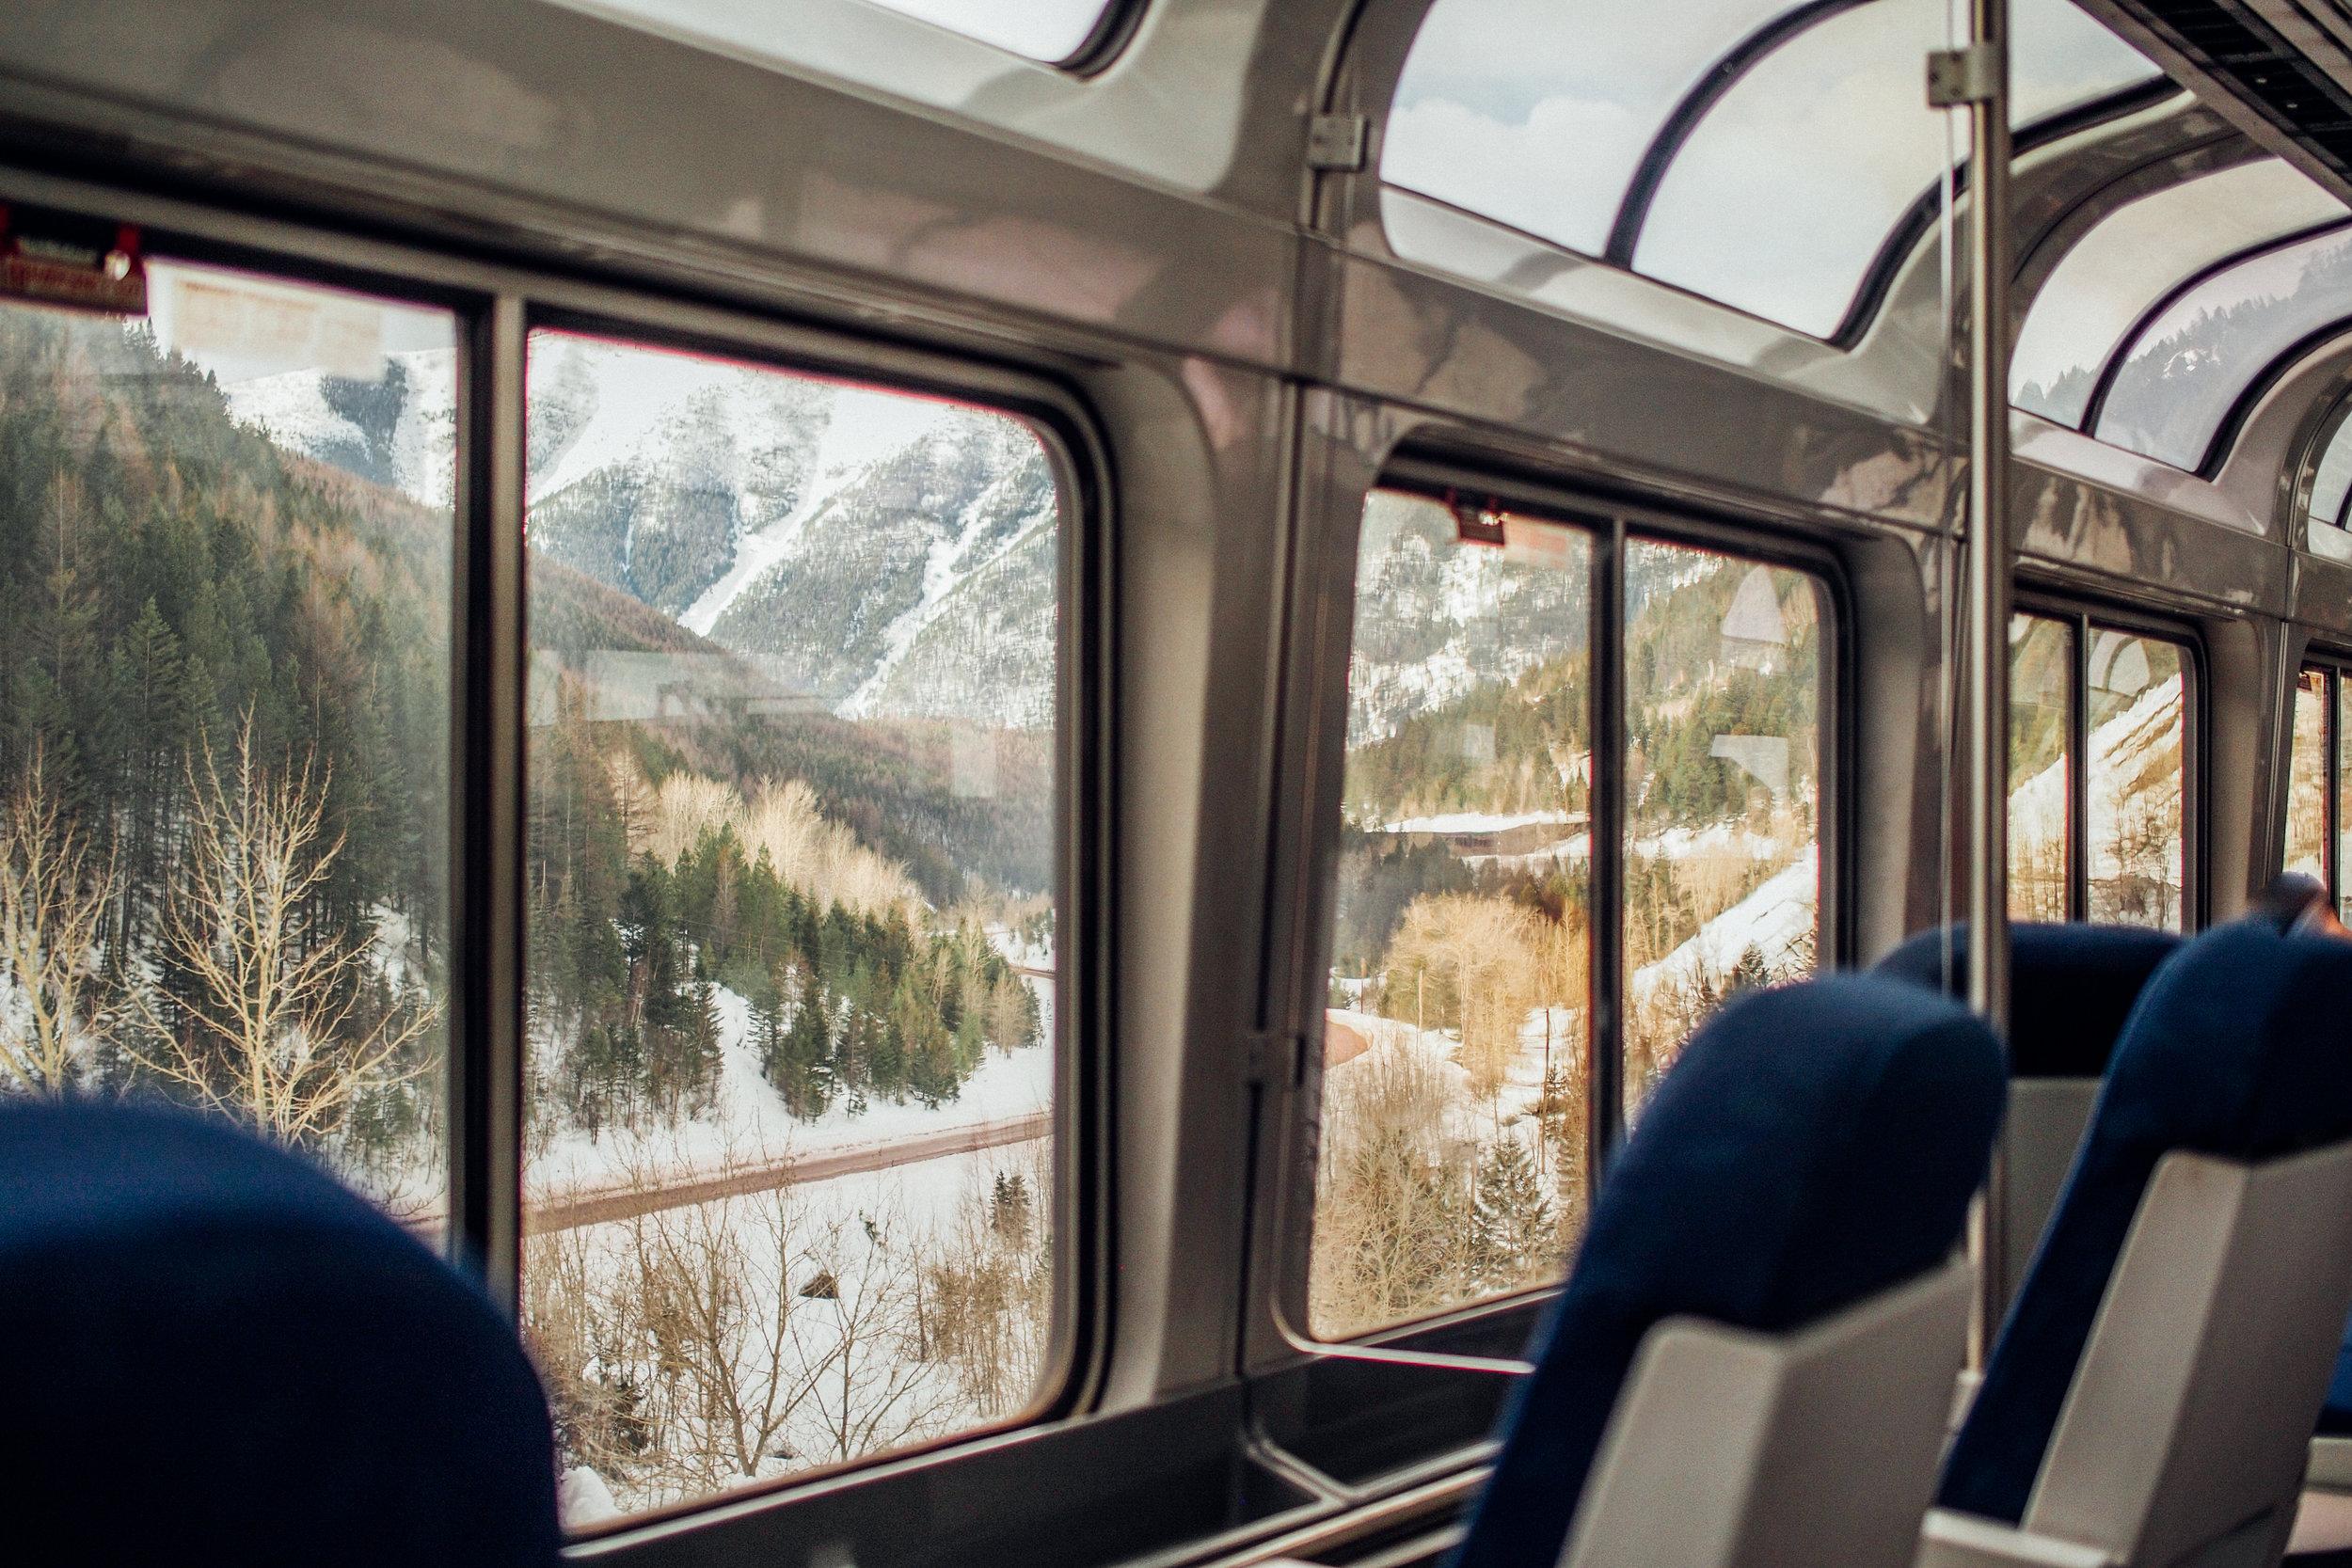 ¿Qué trenes tomar? - Existen varios trenes que sirven estas rutas entre ellos: el Empire Builder, el California Zephyr, el Southwest Chief, y el Texas Eagle.